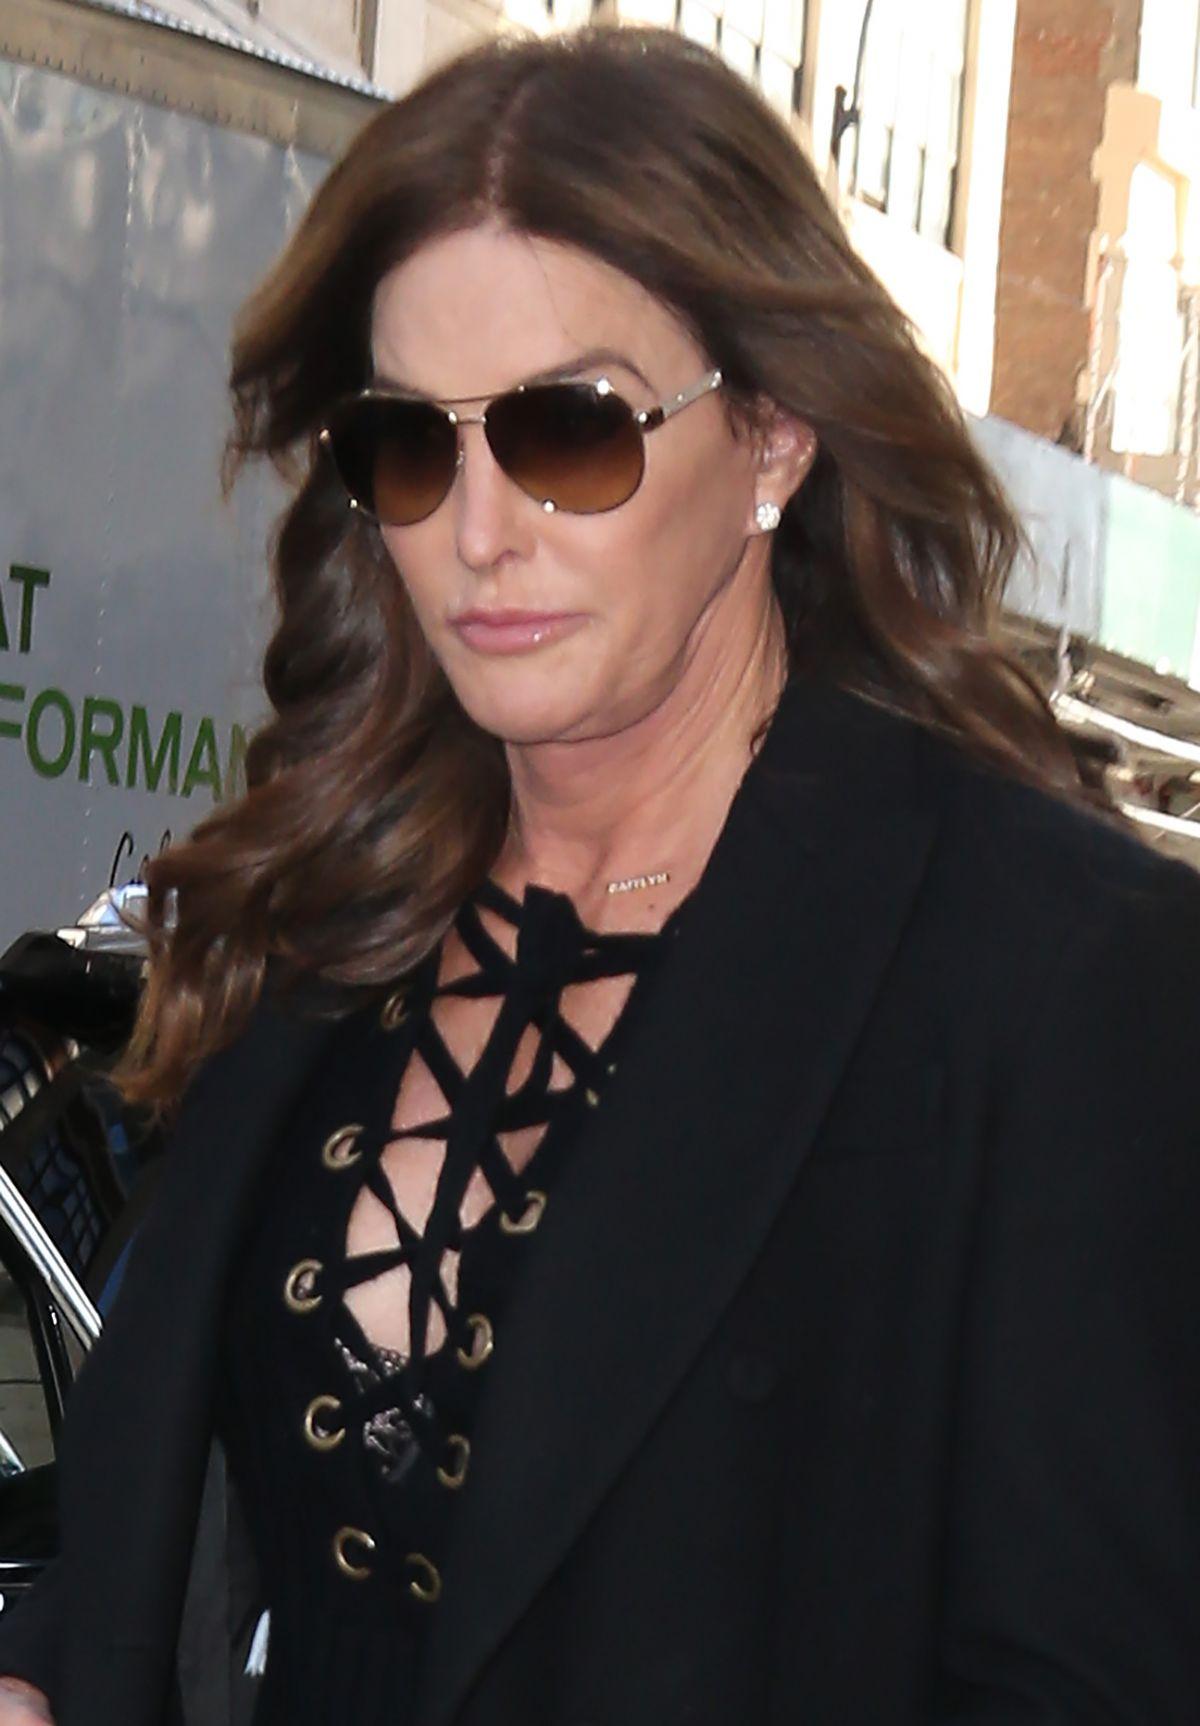 Caitlyn Jenner Leaves Her Hotel In New York 02 11 2016